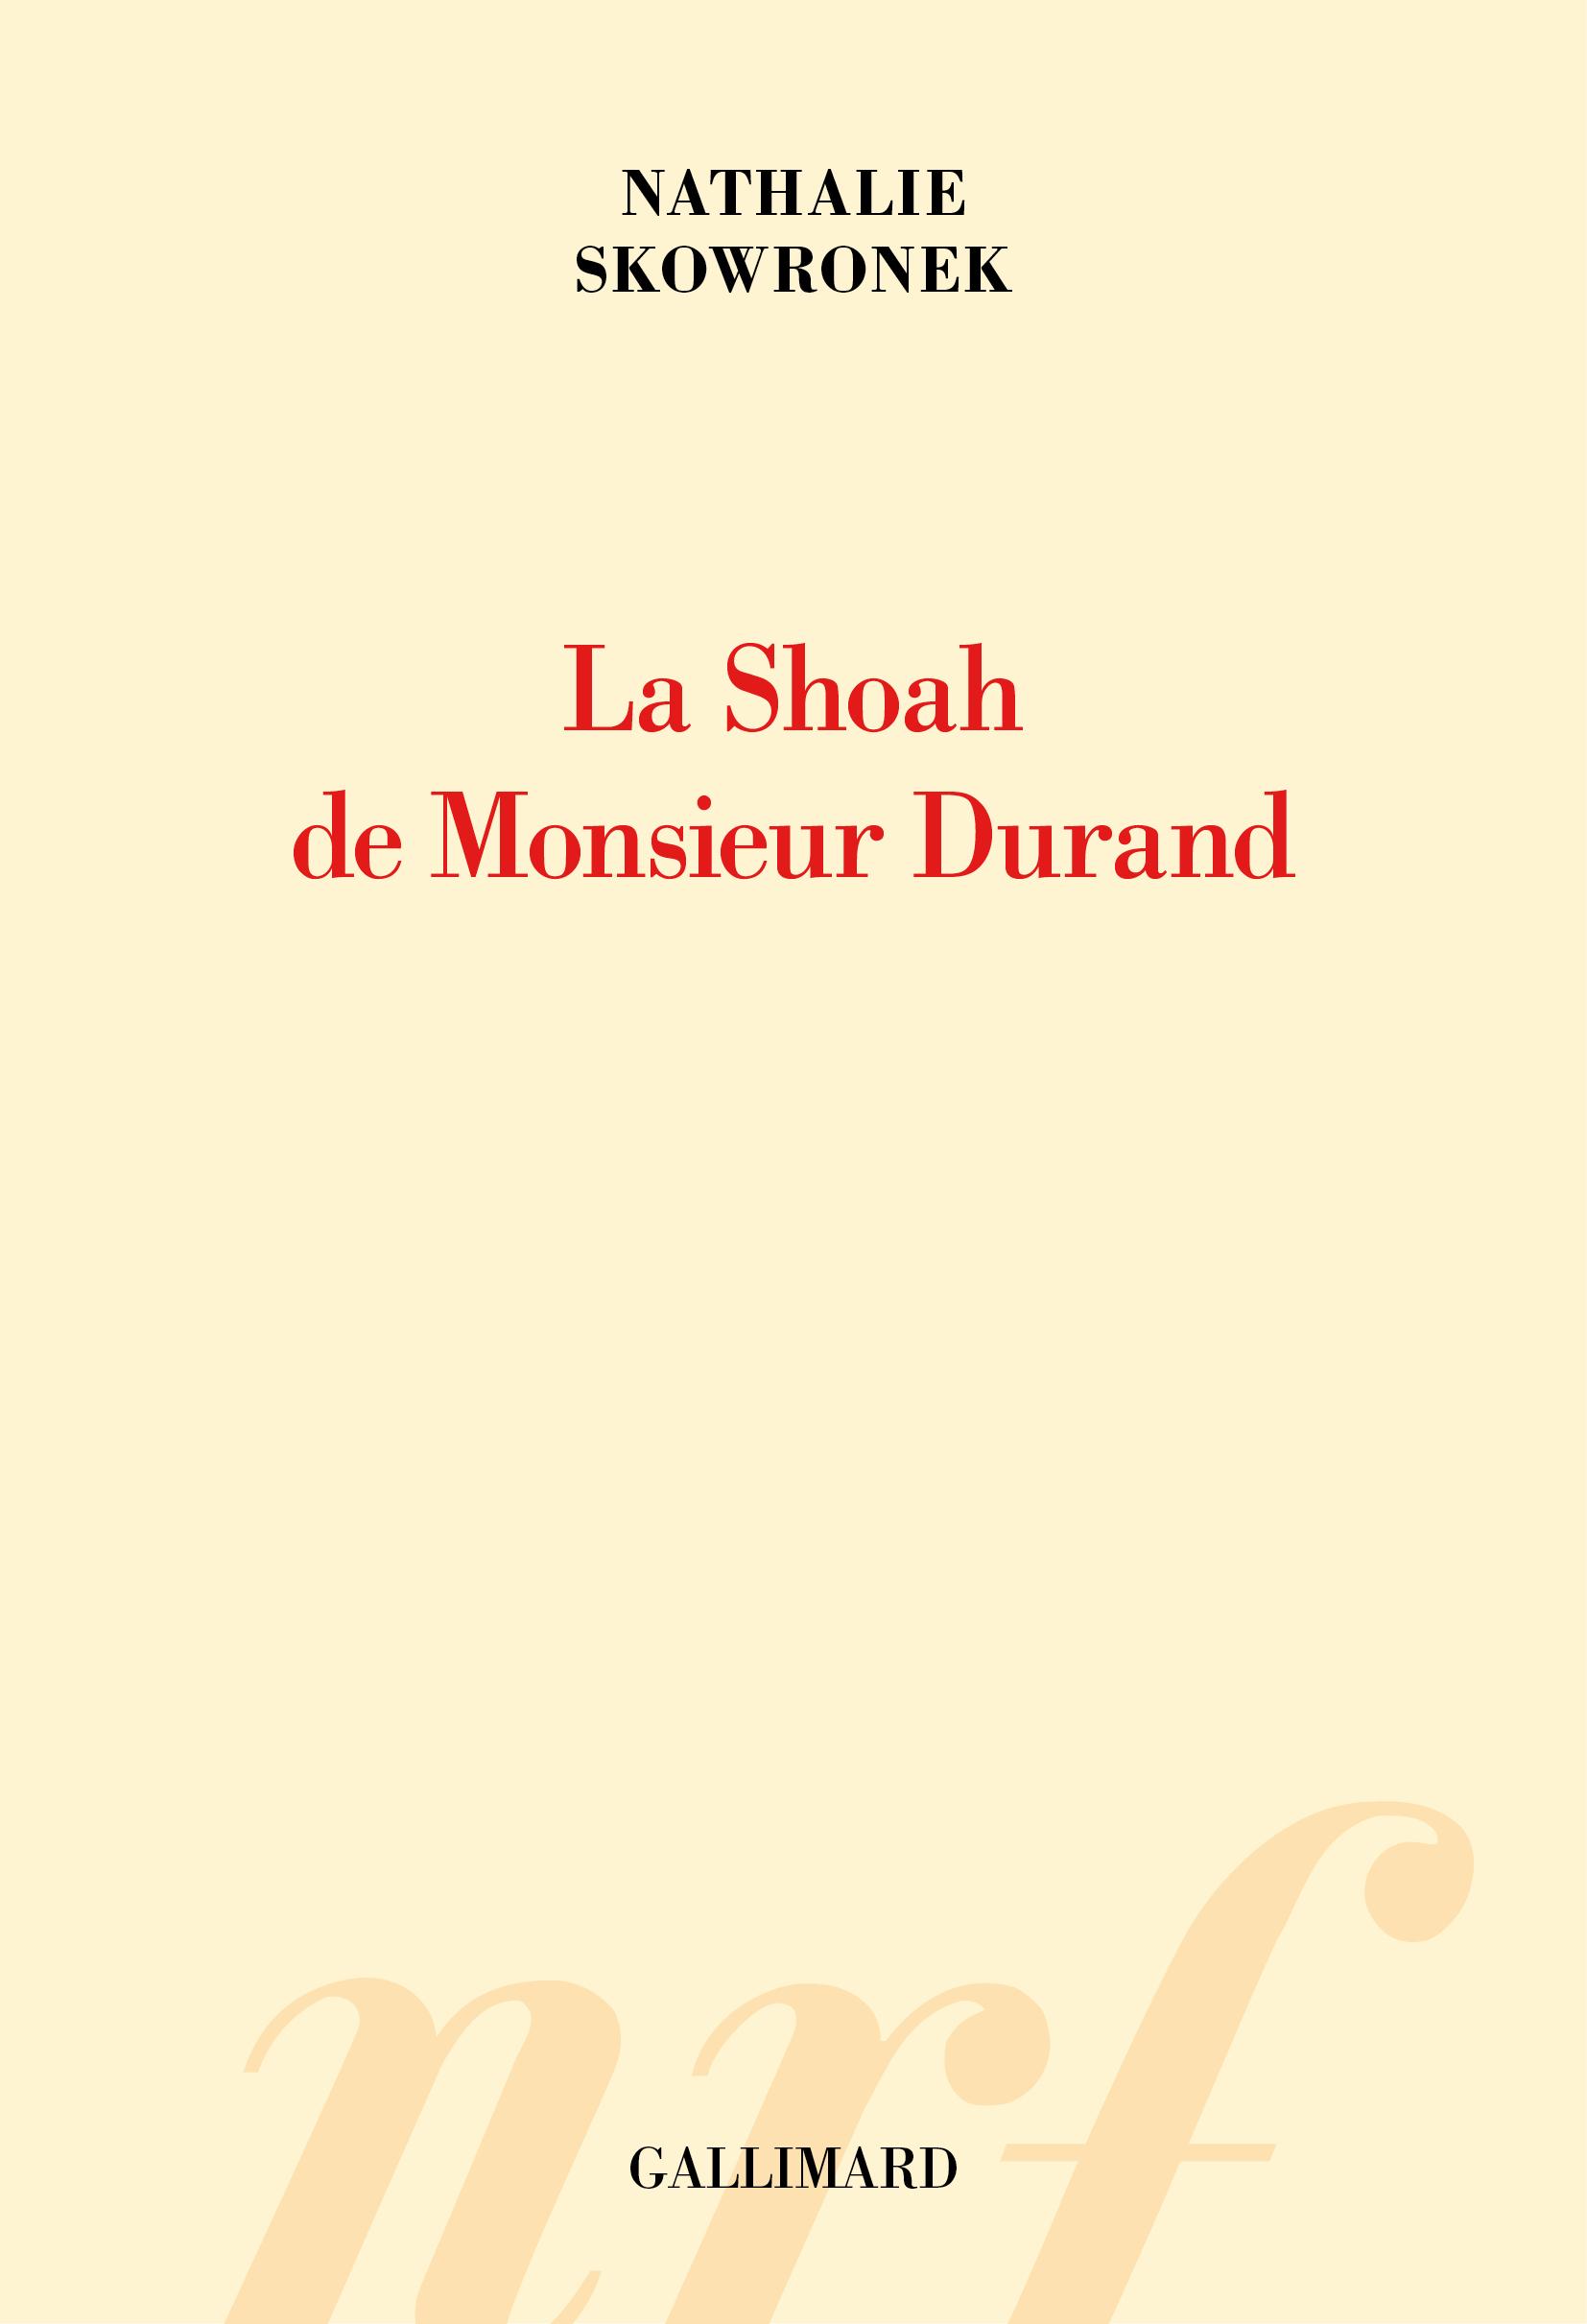 La Shoah de Monsieur Durand